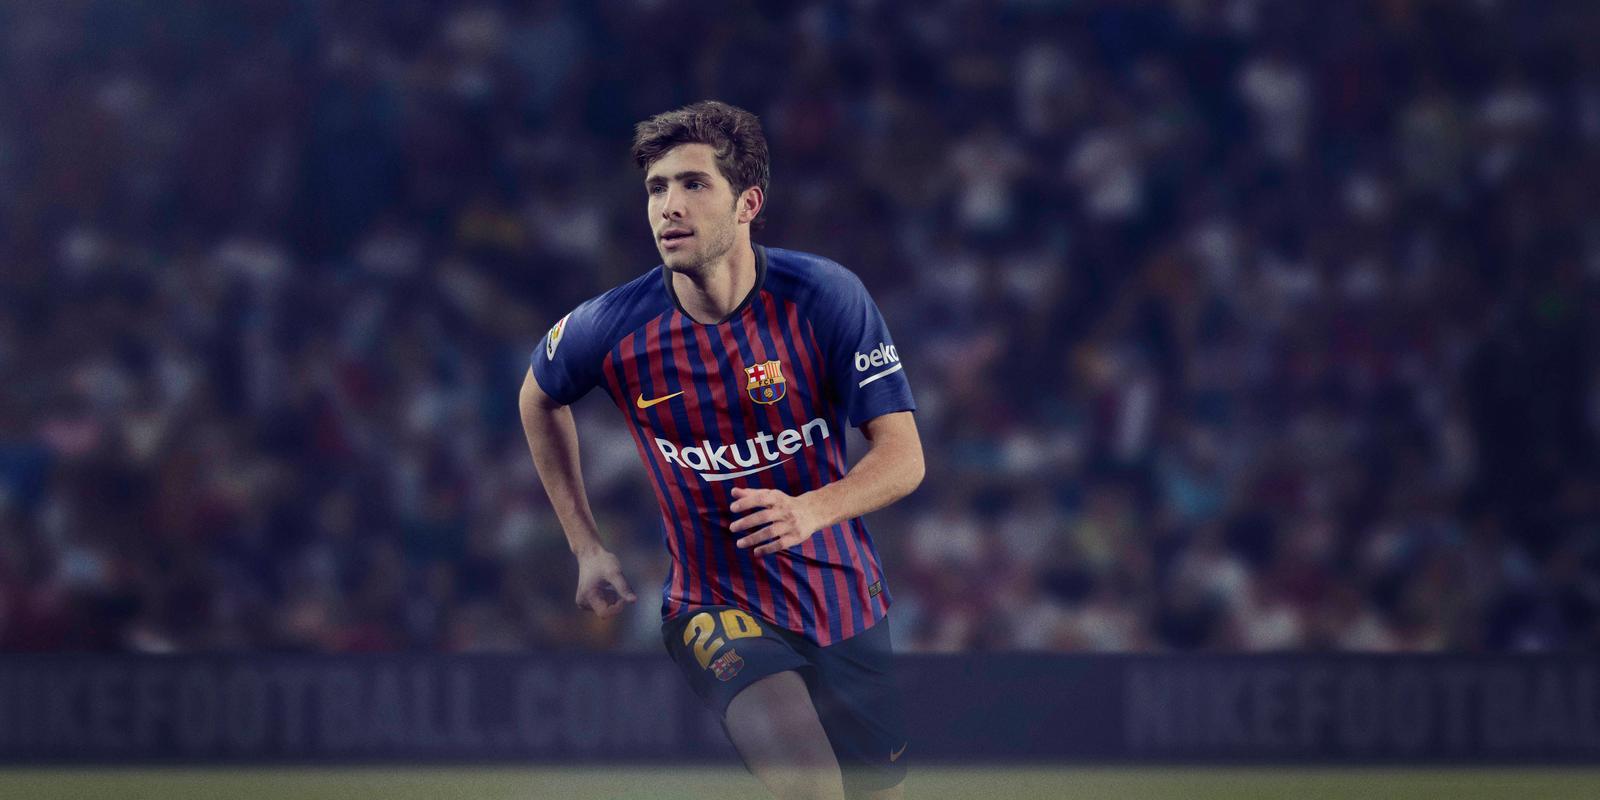 barcelona-18-19-home-kit-3.jpg